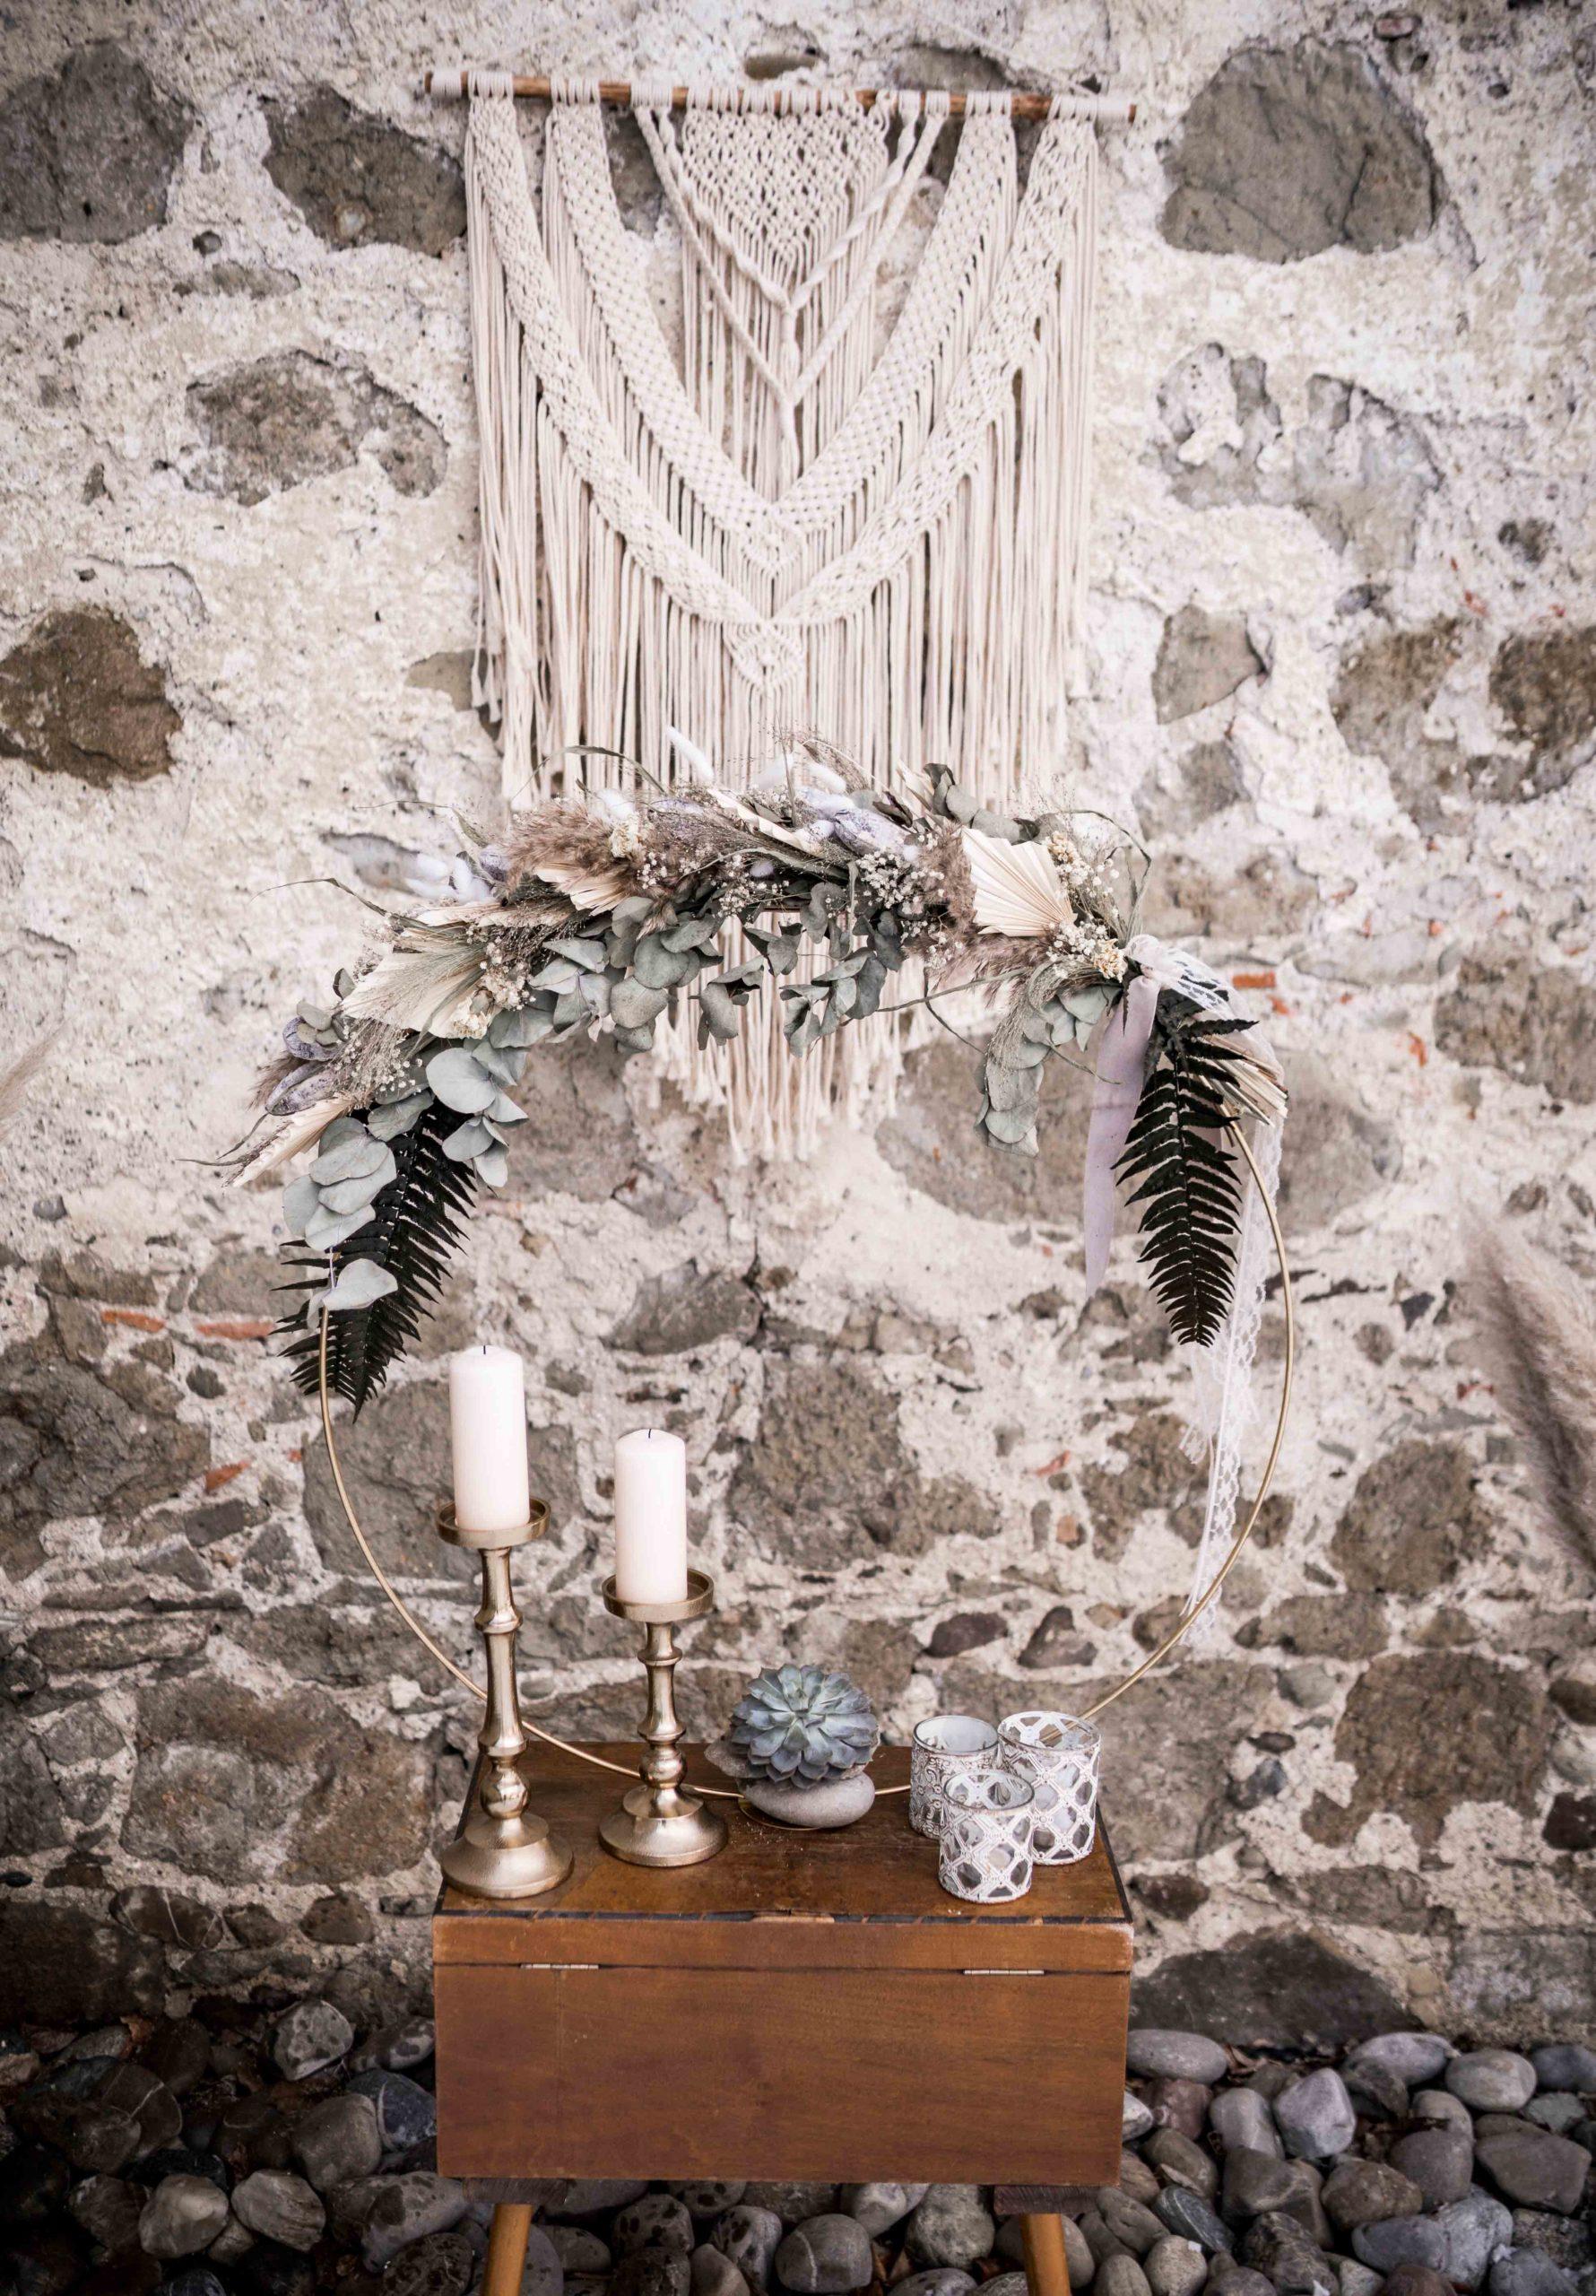 noni Brautmode, Styled Shoot, Dekoration aus Trockenblumen, Kerzenständern und Teelichten, Wandbehang aus Macramé an Steinwand